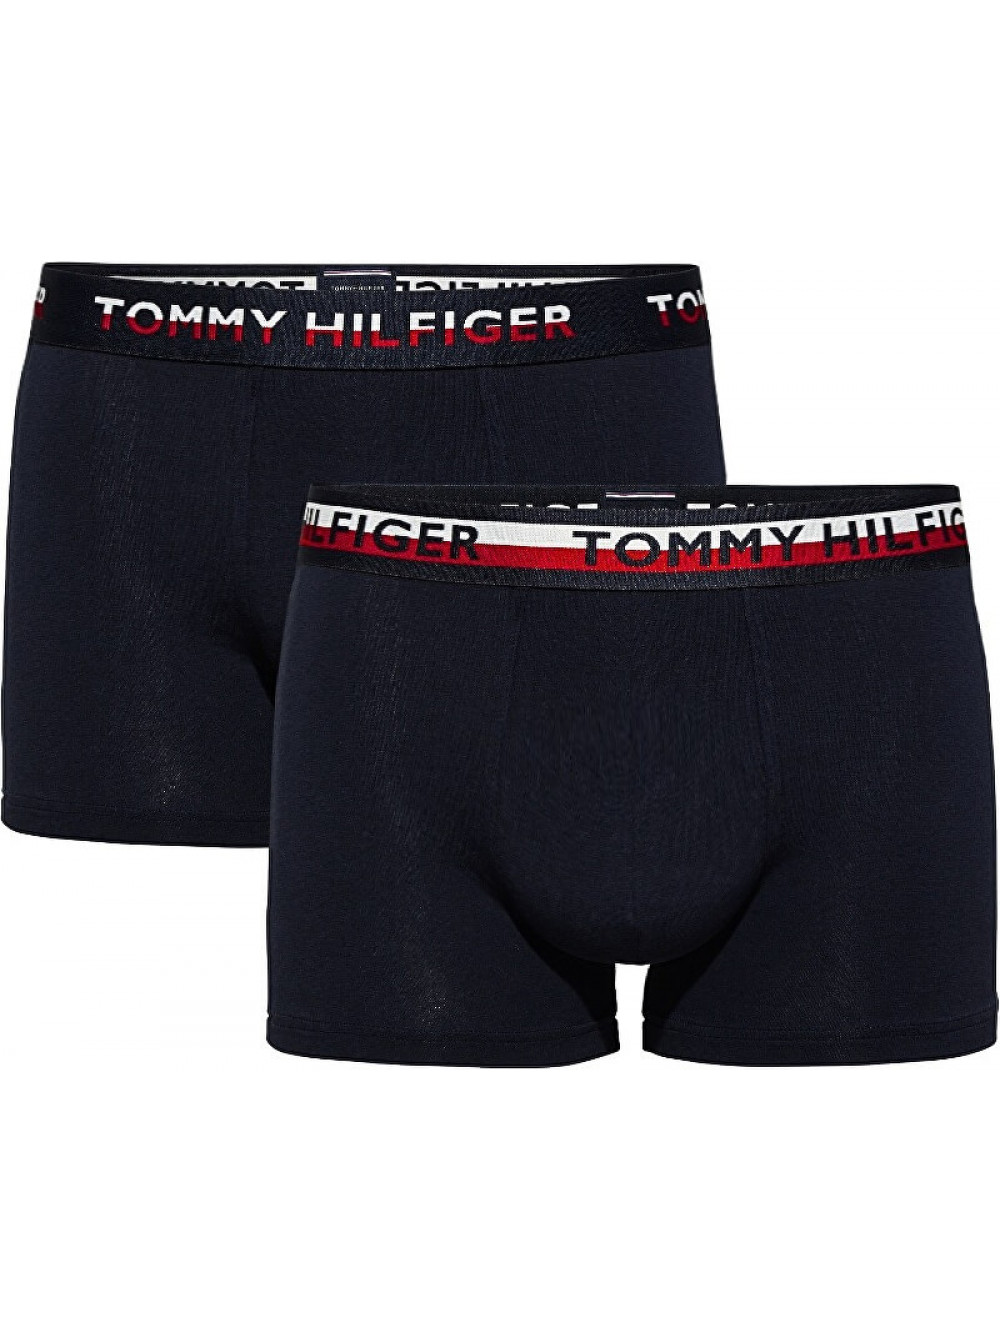 Pánske boxerky Tommy Hilfiger Trunk v čiernej farbe 2-pack